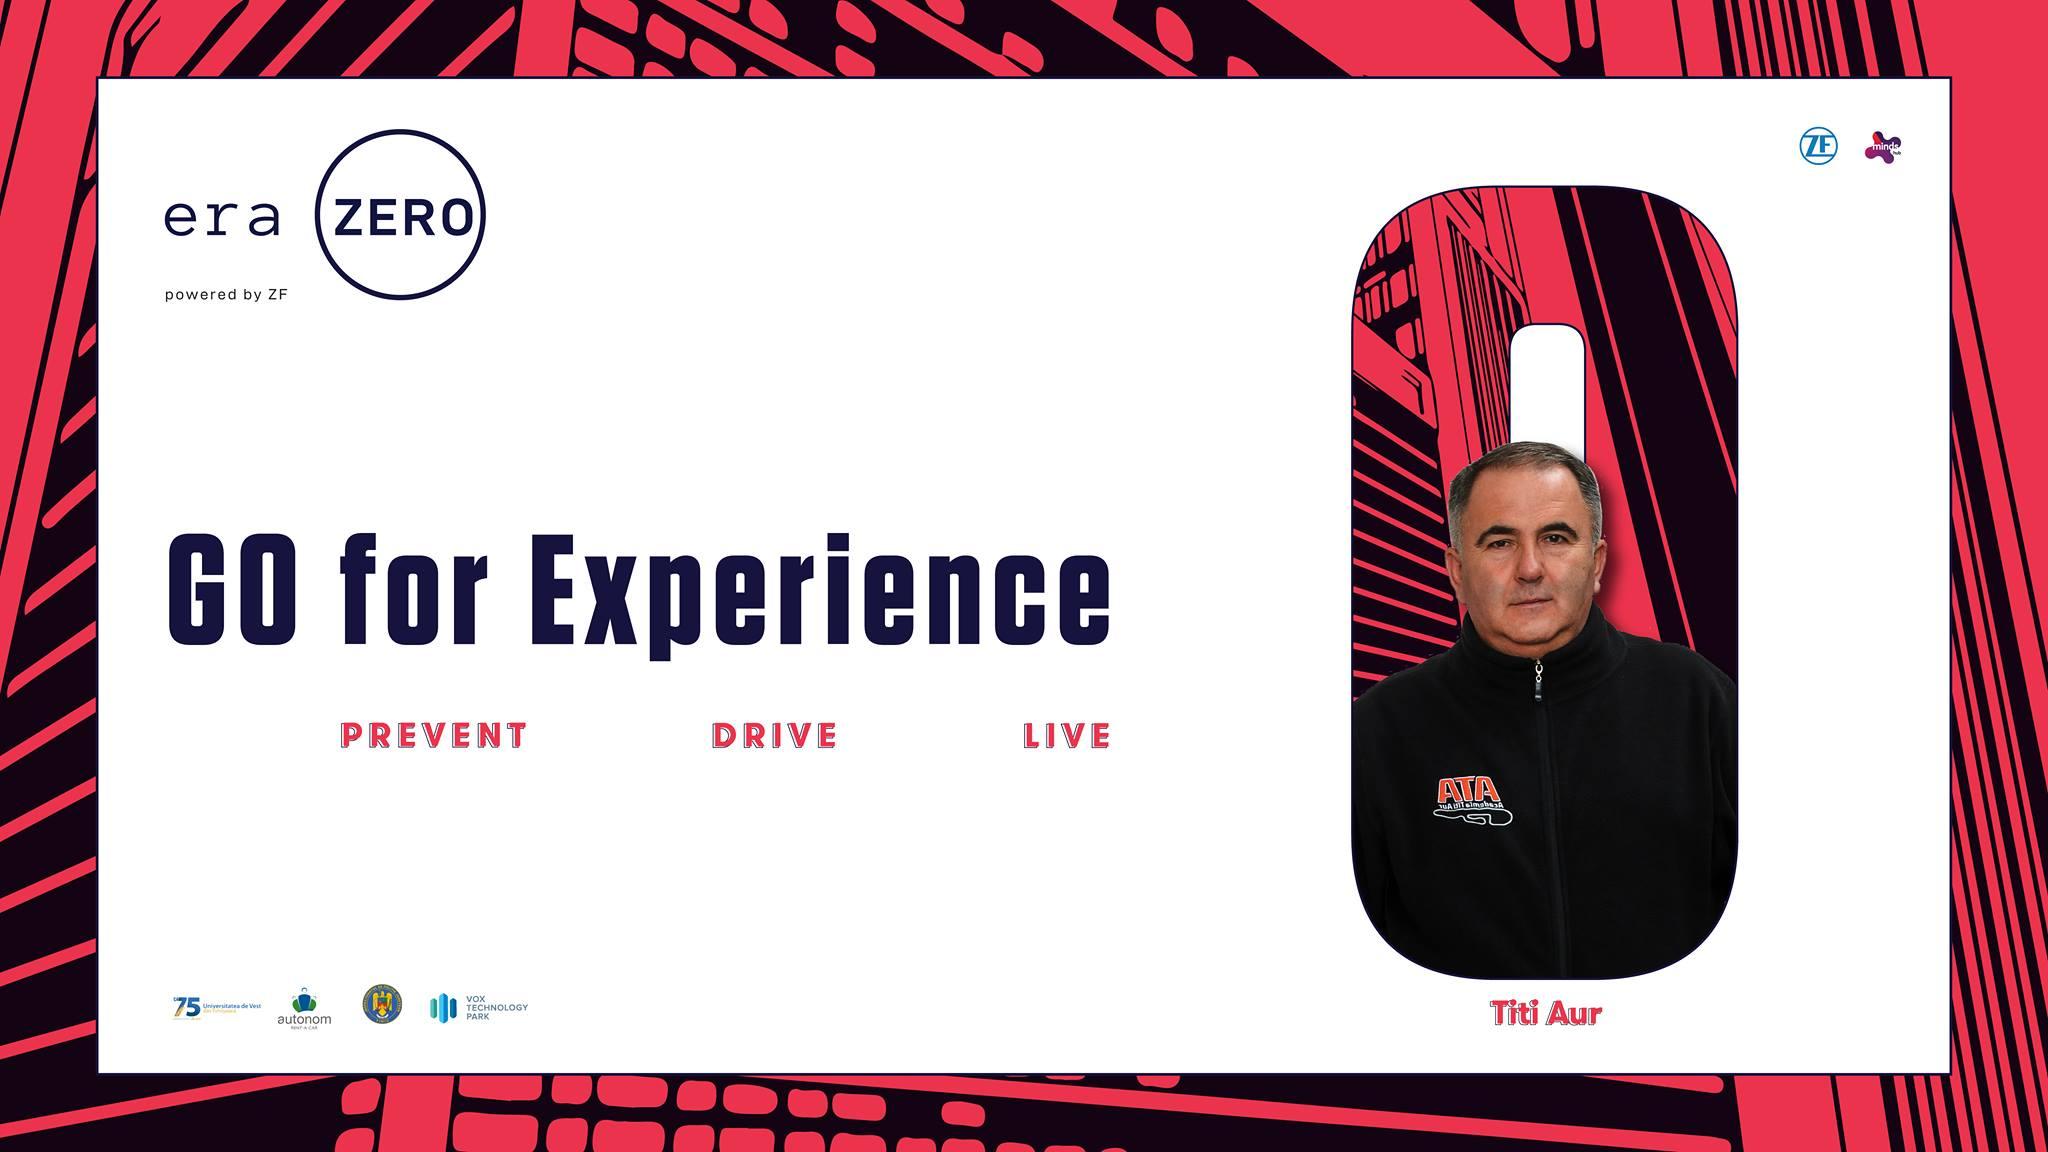 Era Zero Experience